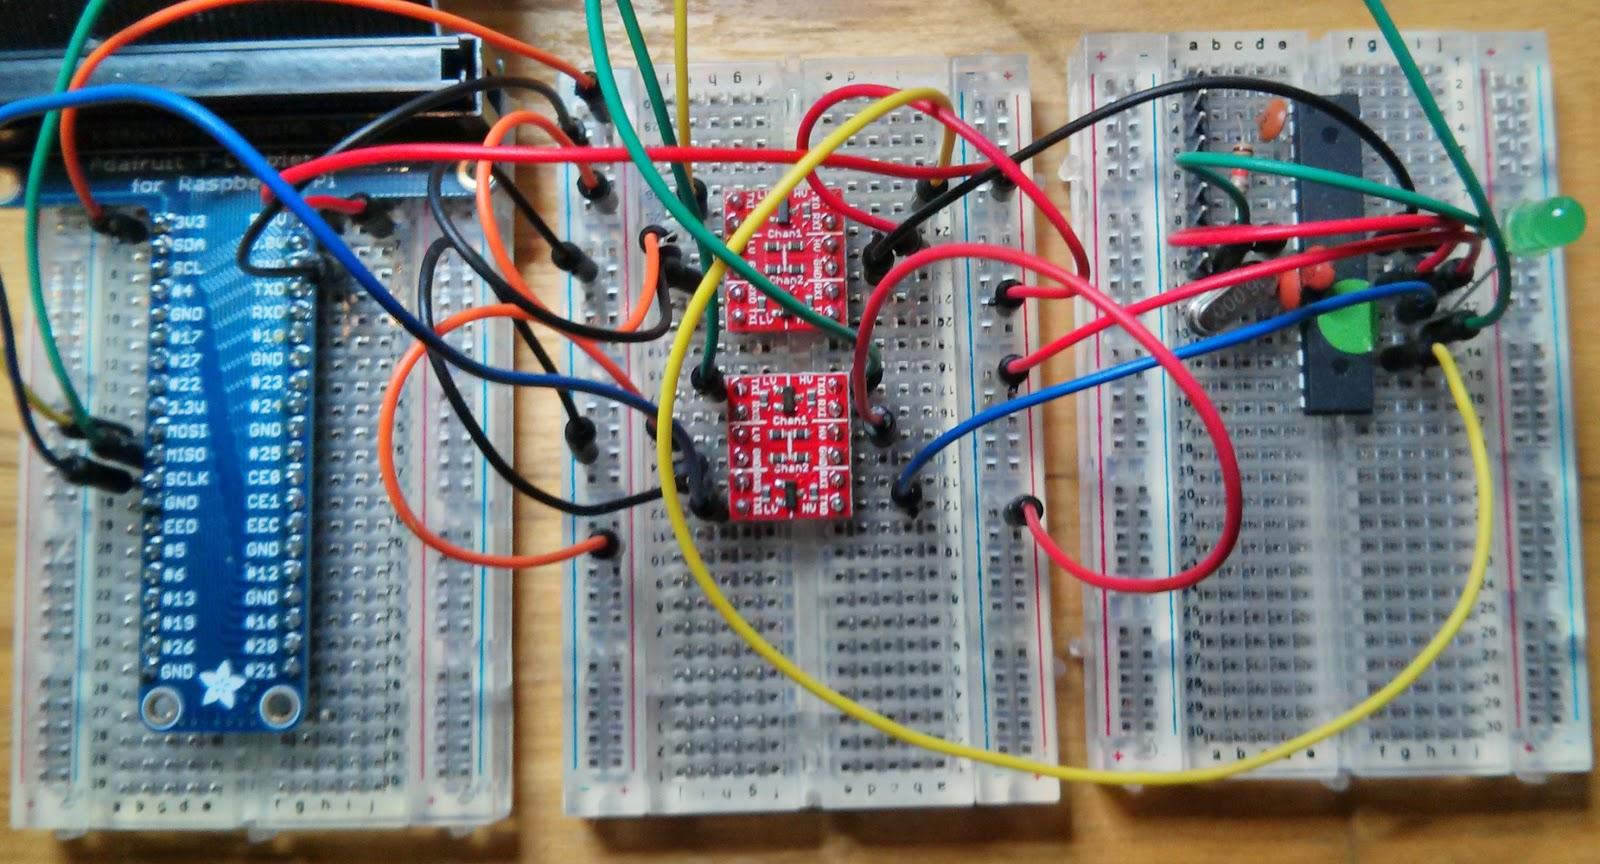 Rareblog Using The Raspberry Pi Spi As An Avr Isp In System Programmer Sytem For Atmel